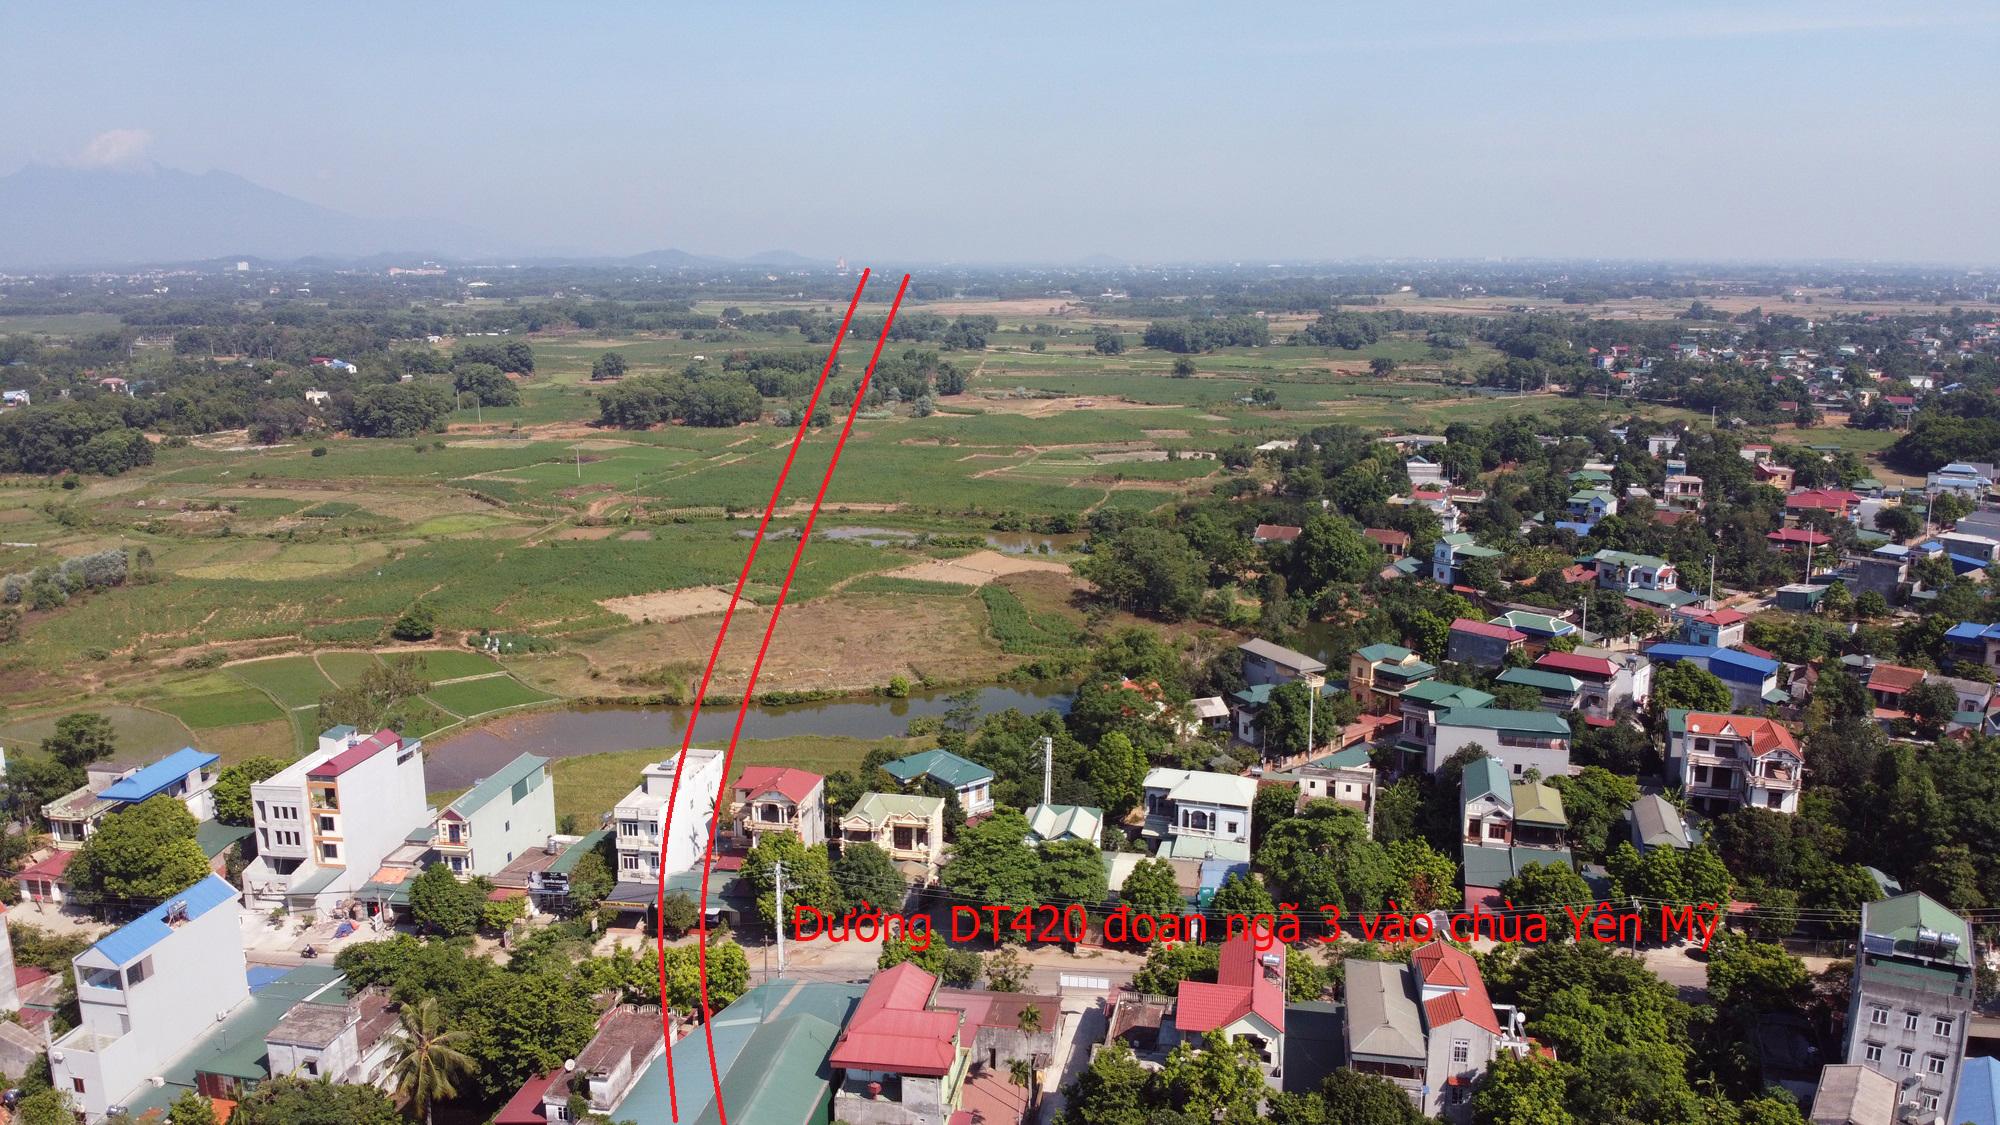 Trục đường Hồ Tây - Ba Vì qua Hòa Lạc sẽ mở theo qui hoạch: Toàn cảnh đoạn Vành đai 4 đến đường Hòa Lạc - Hòa Bình - Ảnh 16.